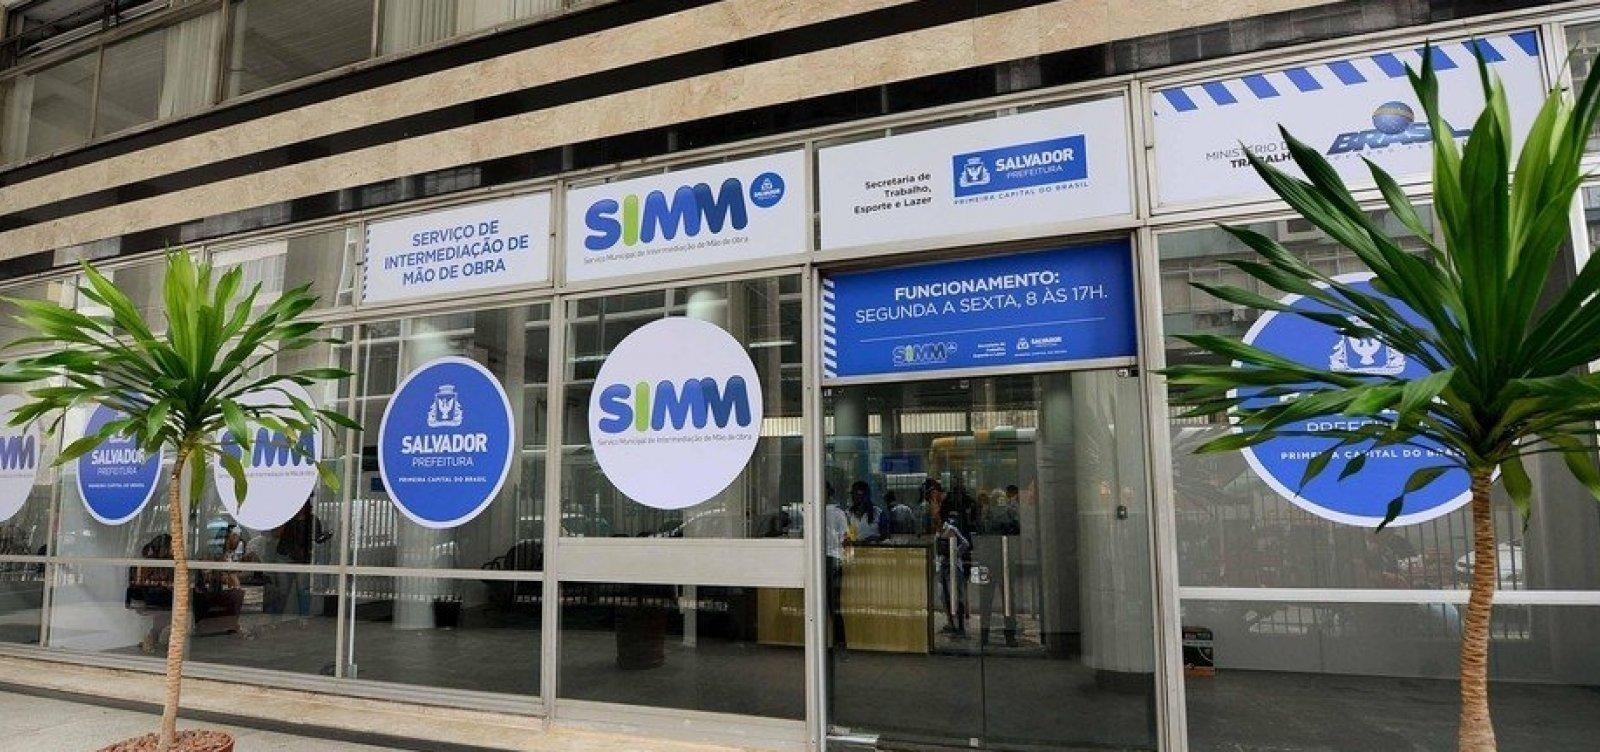 Simm oferece 35 vagas de emprego em Salvador para esta segunda; confira